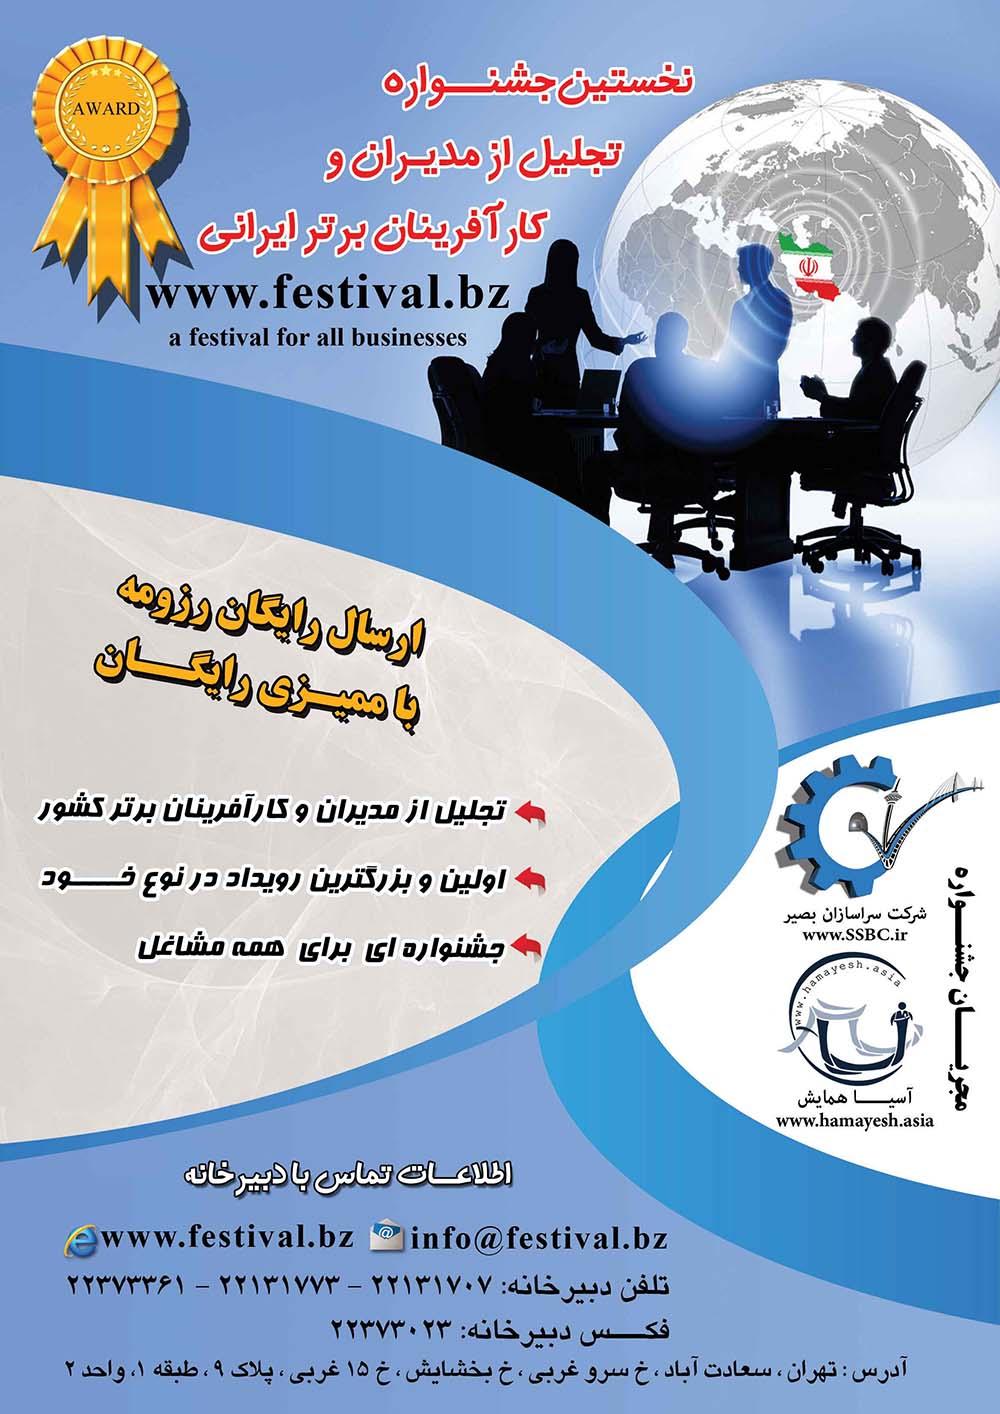 نخستین جشنواره تجلیل از مدیران و کارآفرینان برتر